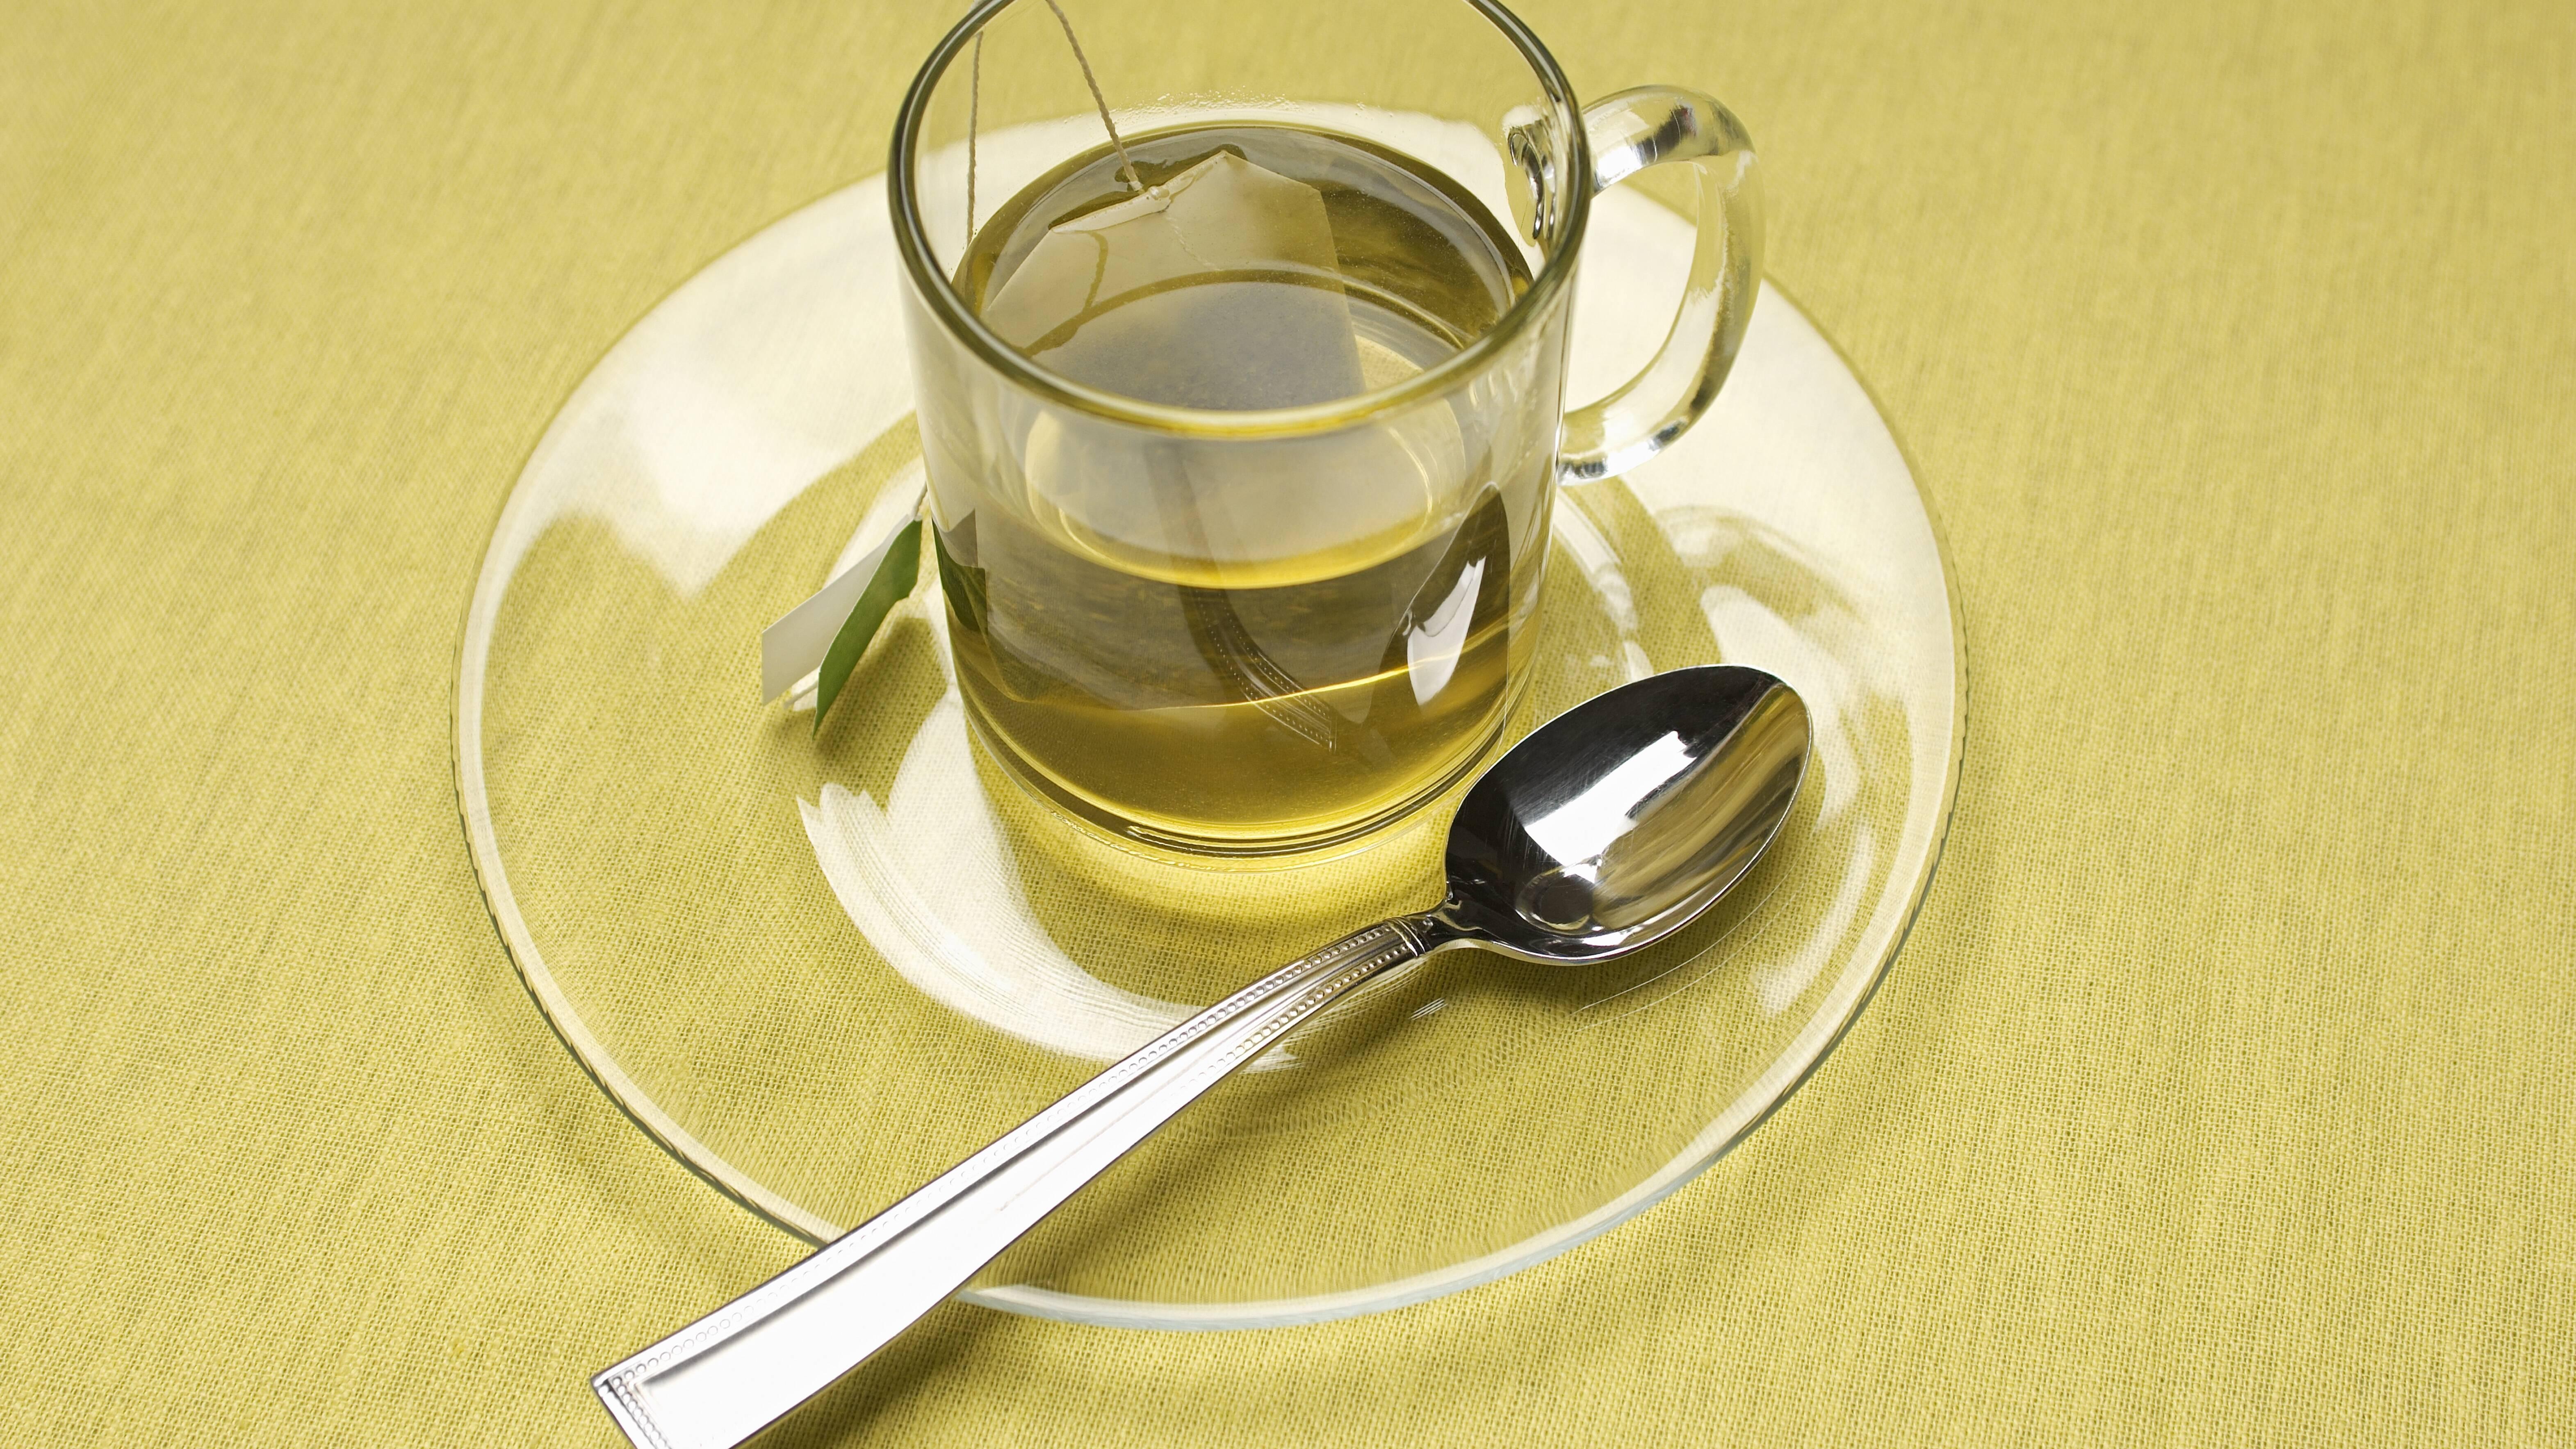 Teeflecken lassen sich mithilfe von Hausmitteln entfernen.